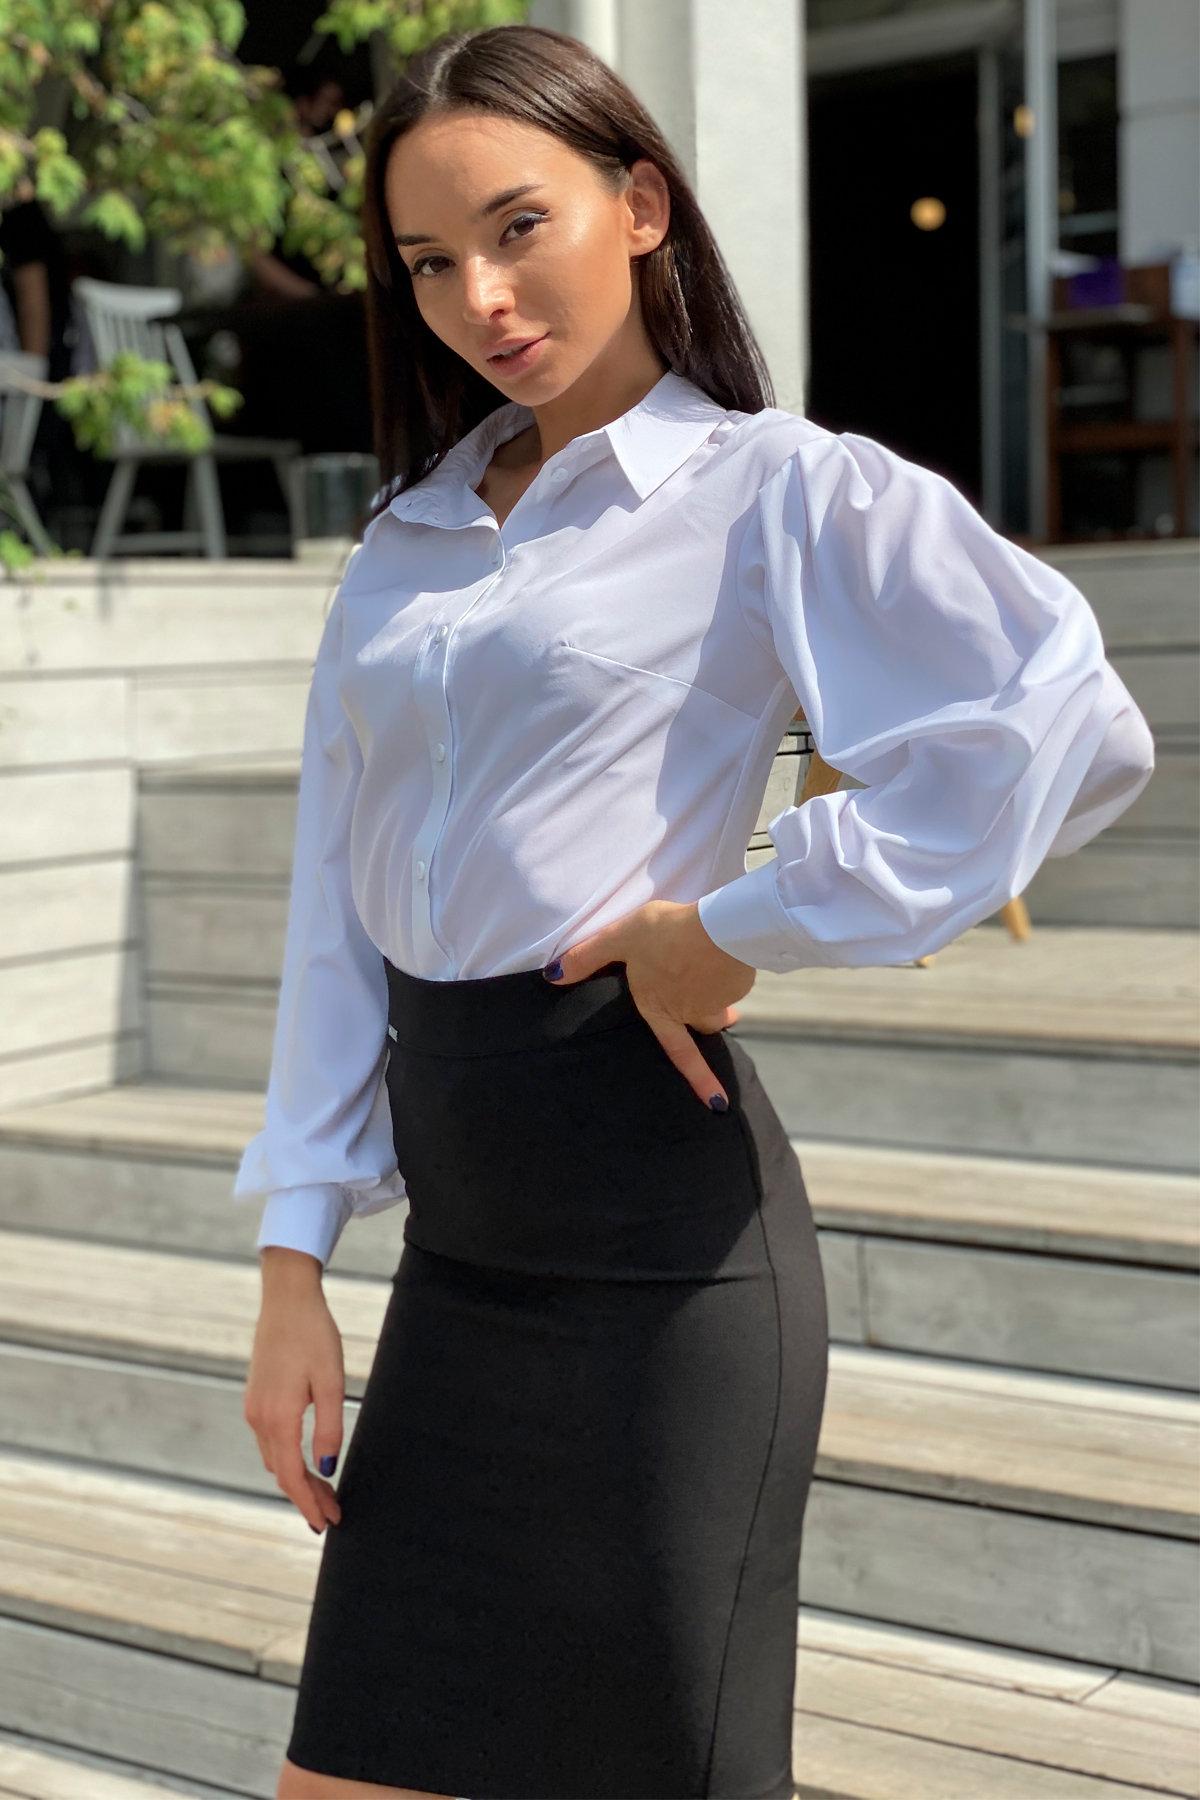 Блузка Гейм 9604 АРТ. 45924 Цвет: Белый - фото 5, интернет магазин tm-modus.ru